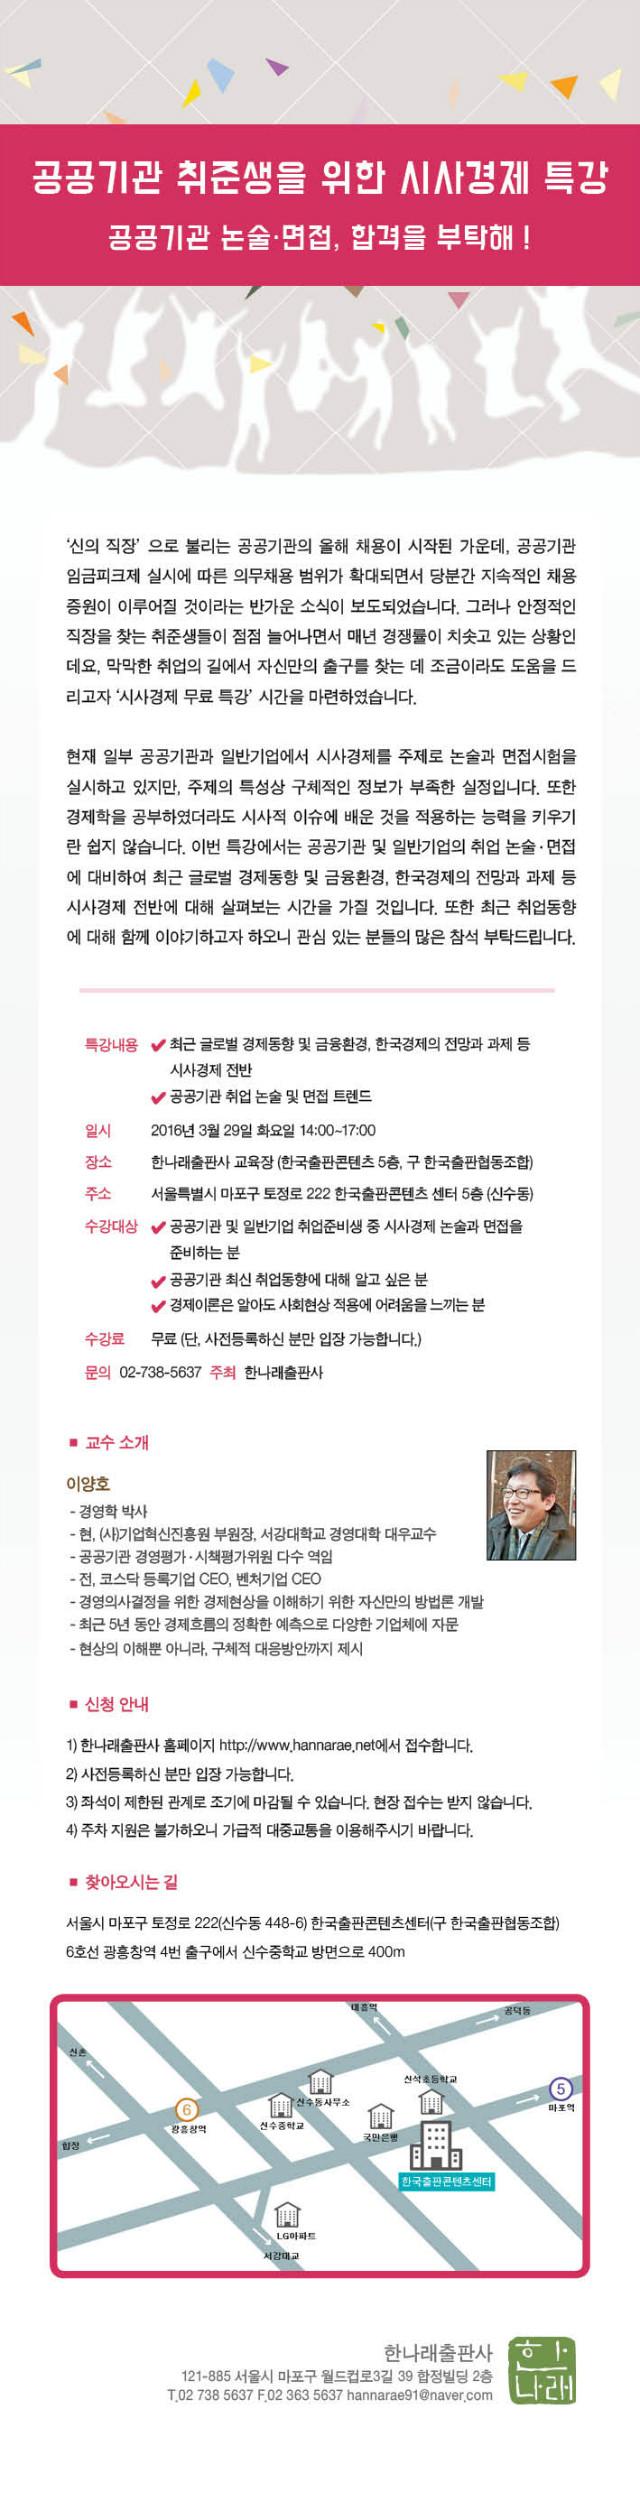 특강_페이지_최종수정3.jpg